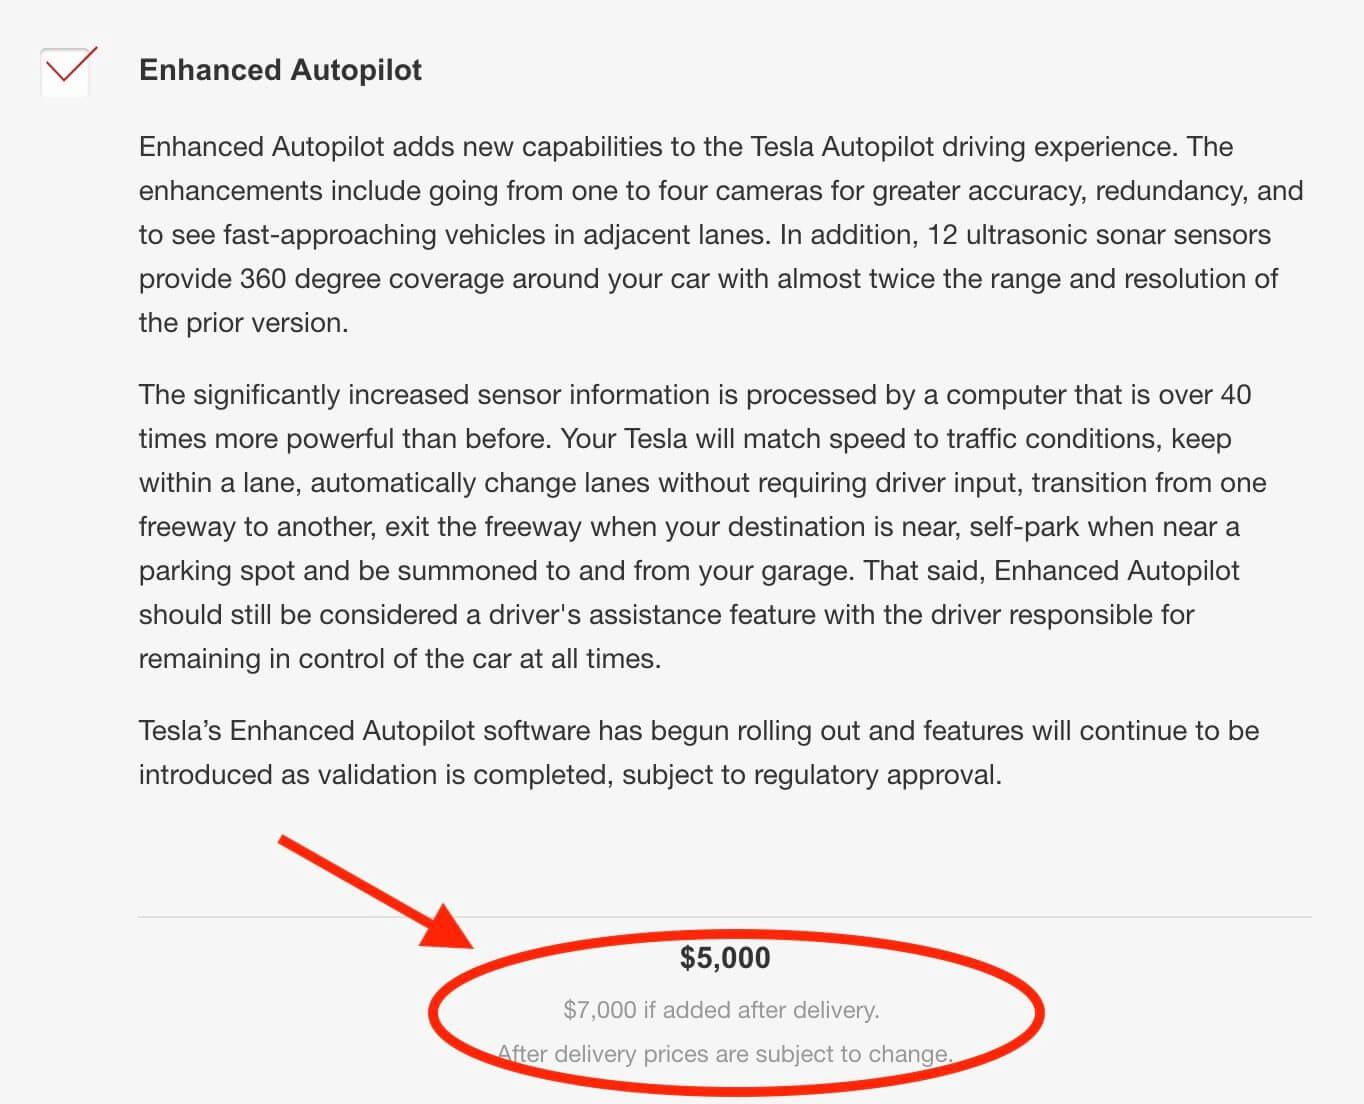 Стоимость автопилота в конфигураторе Tesla после покупки